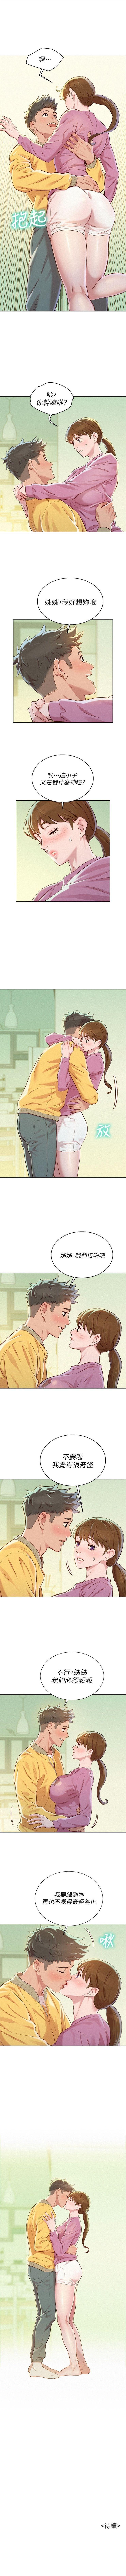 (周7)漂亮干姐姐  1-79 中文翻译 (更新中) 442